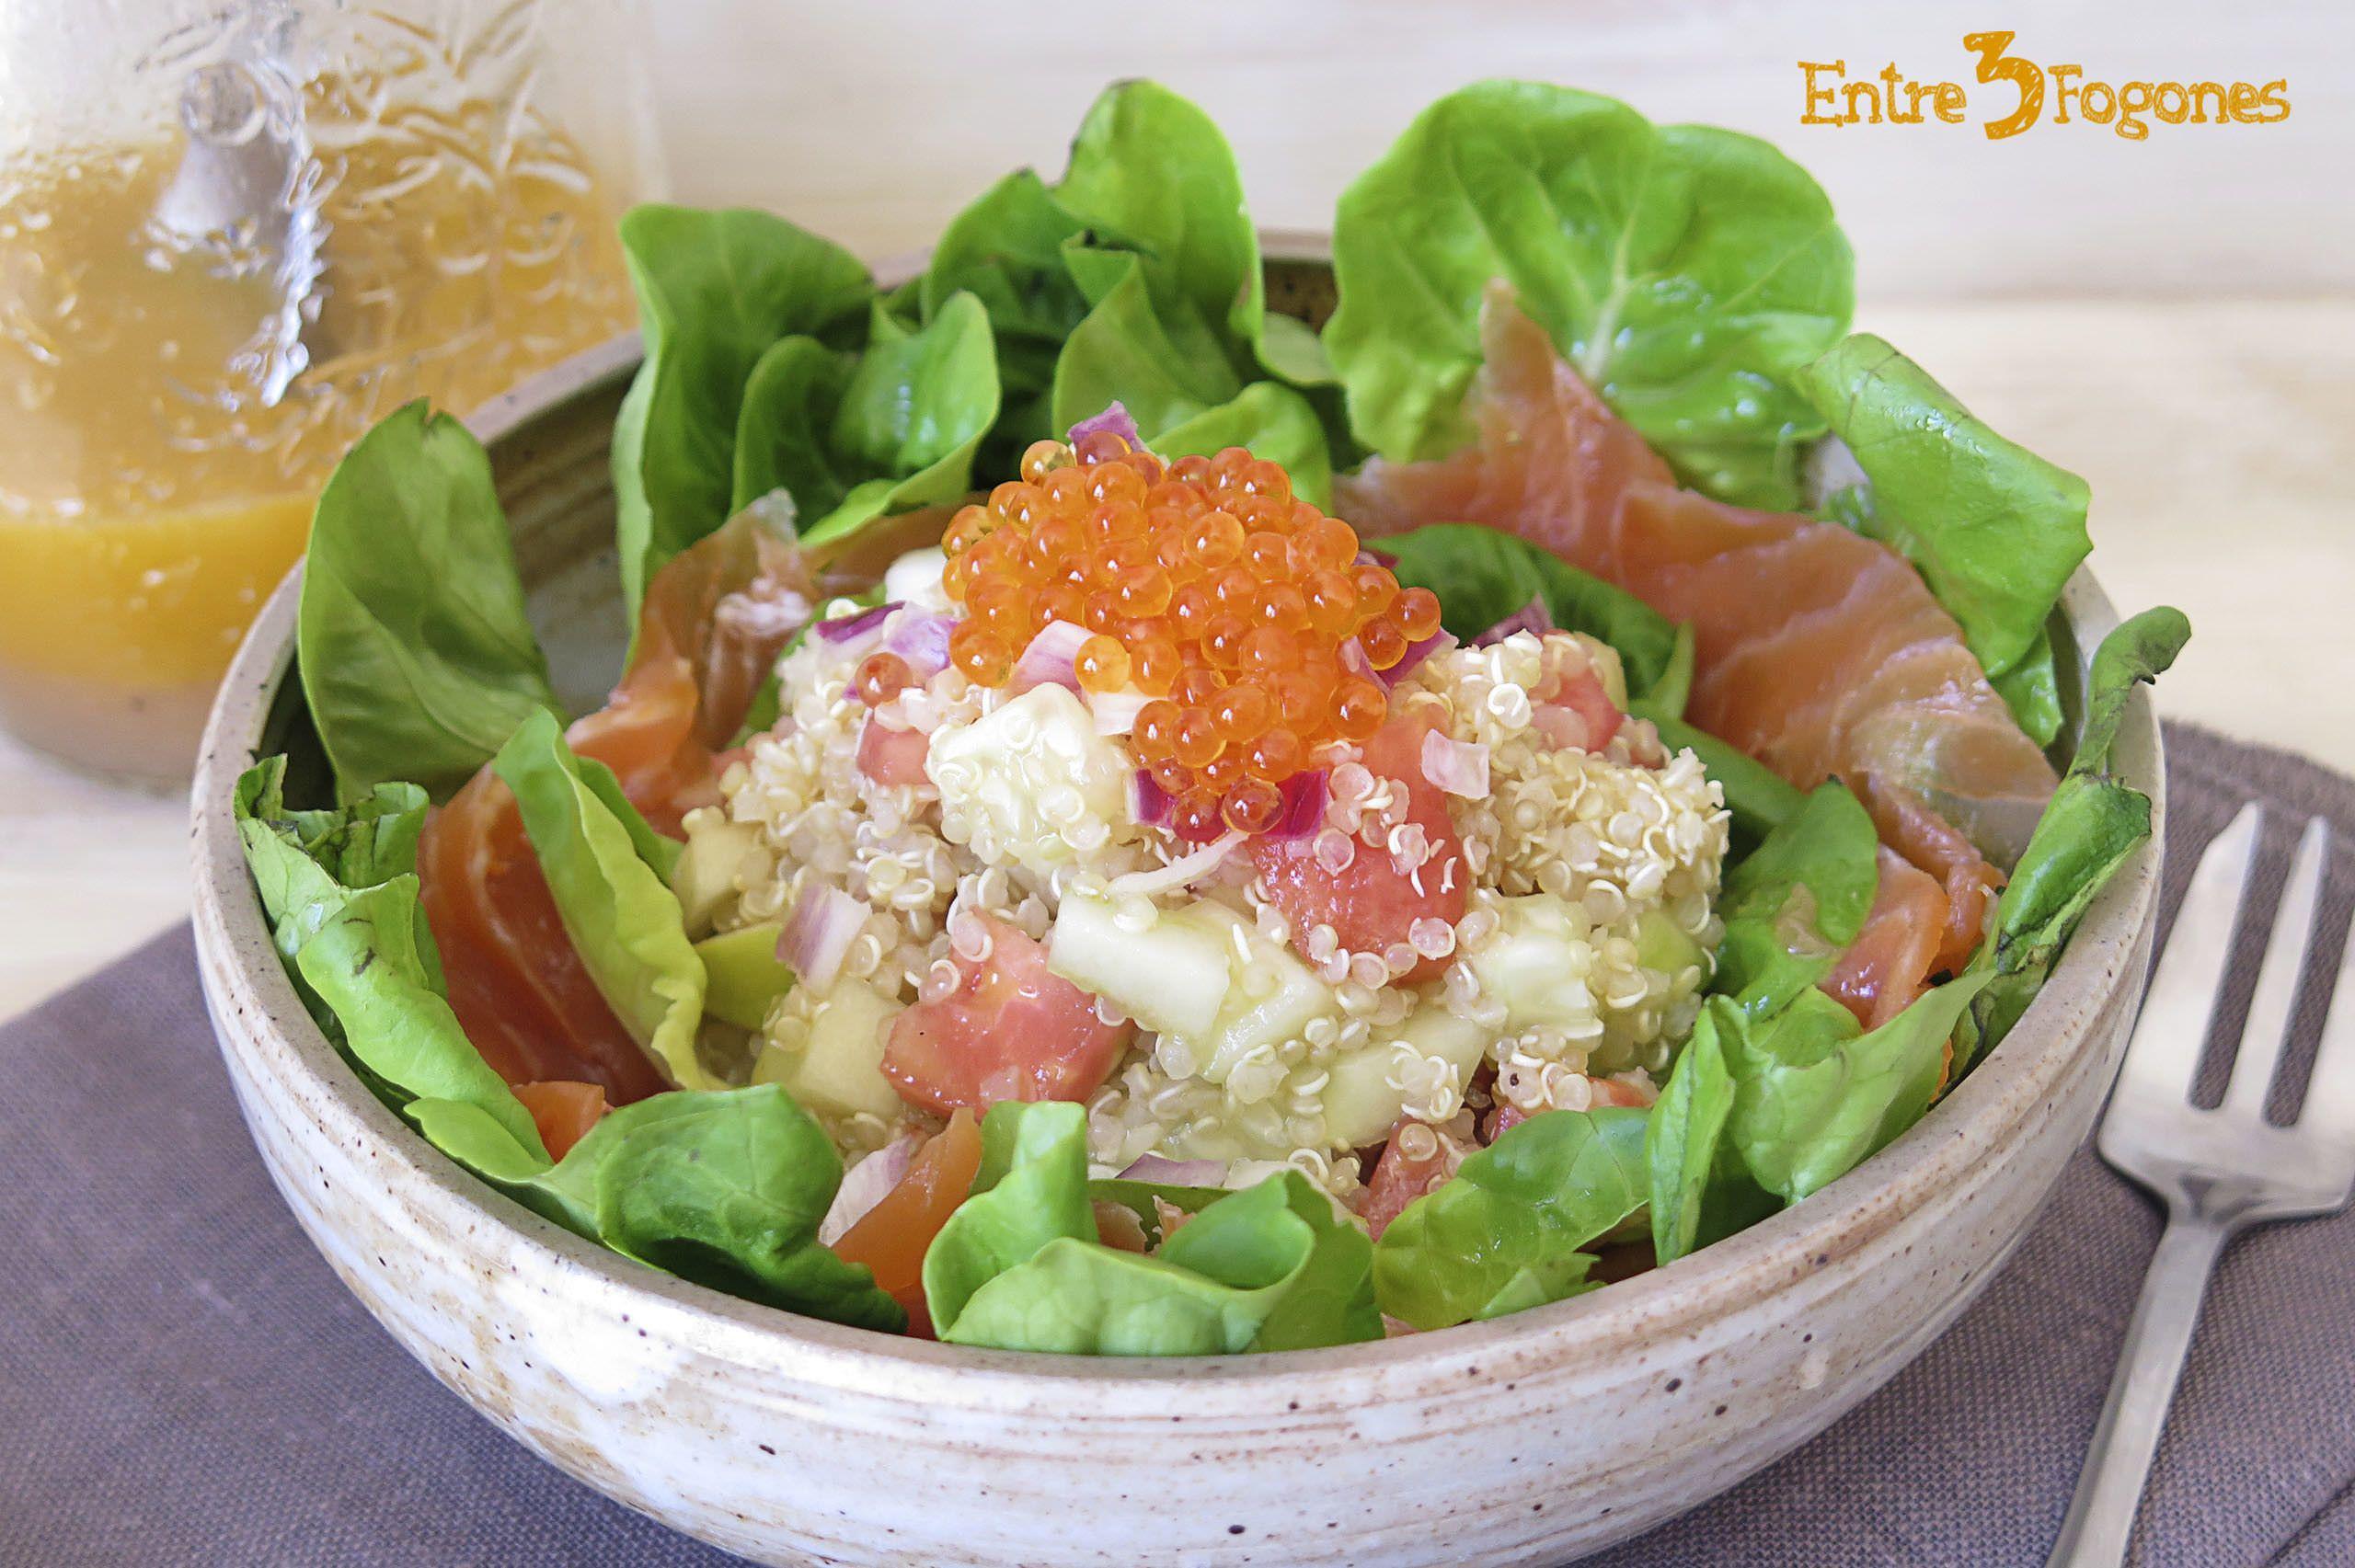 Receta Ensalada de Quinoa con Manzana y Trucha Ahumada